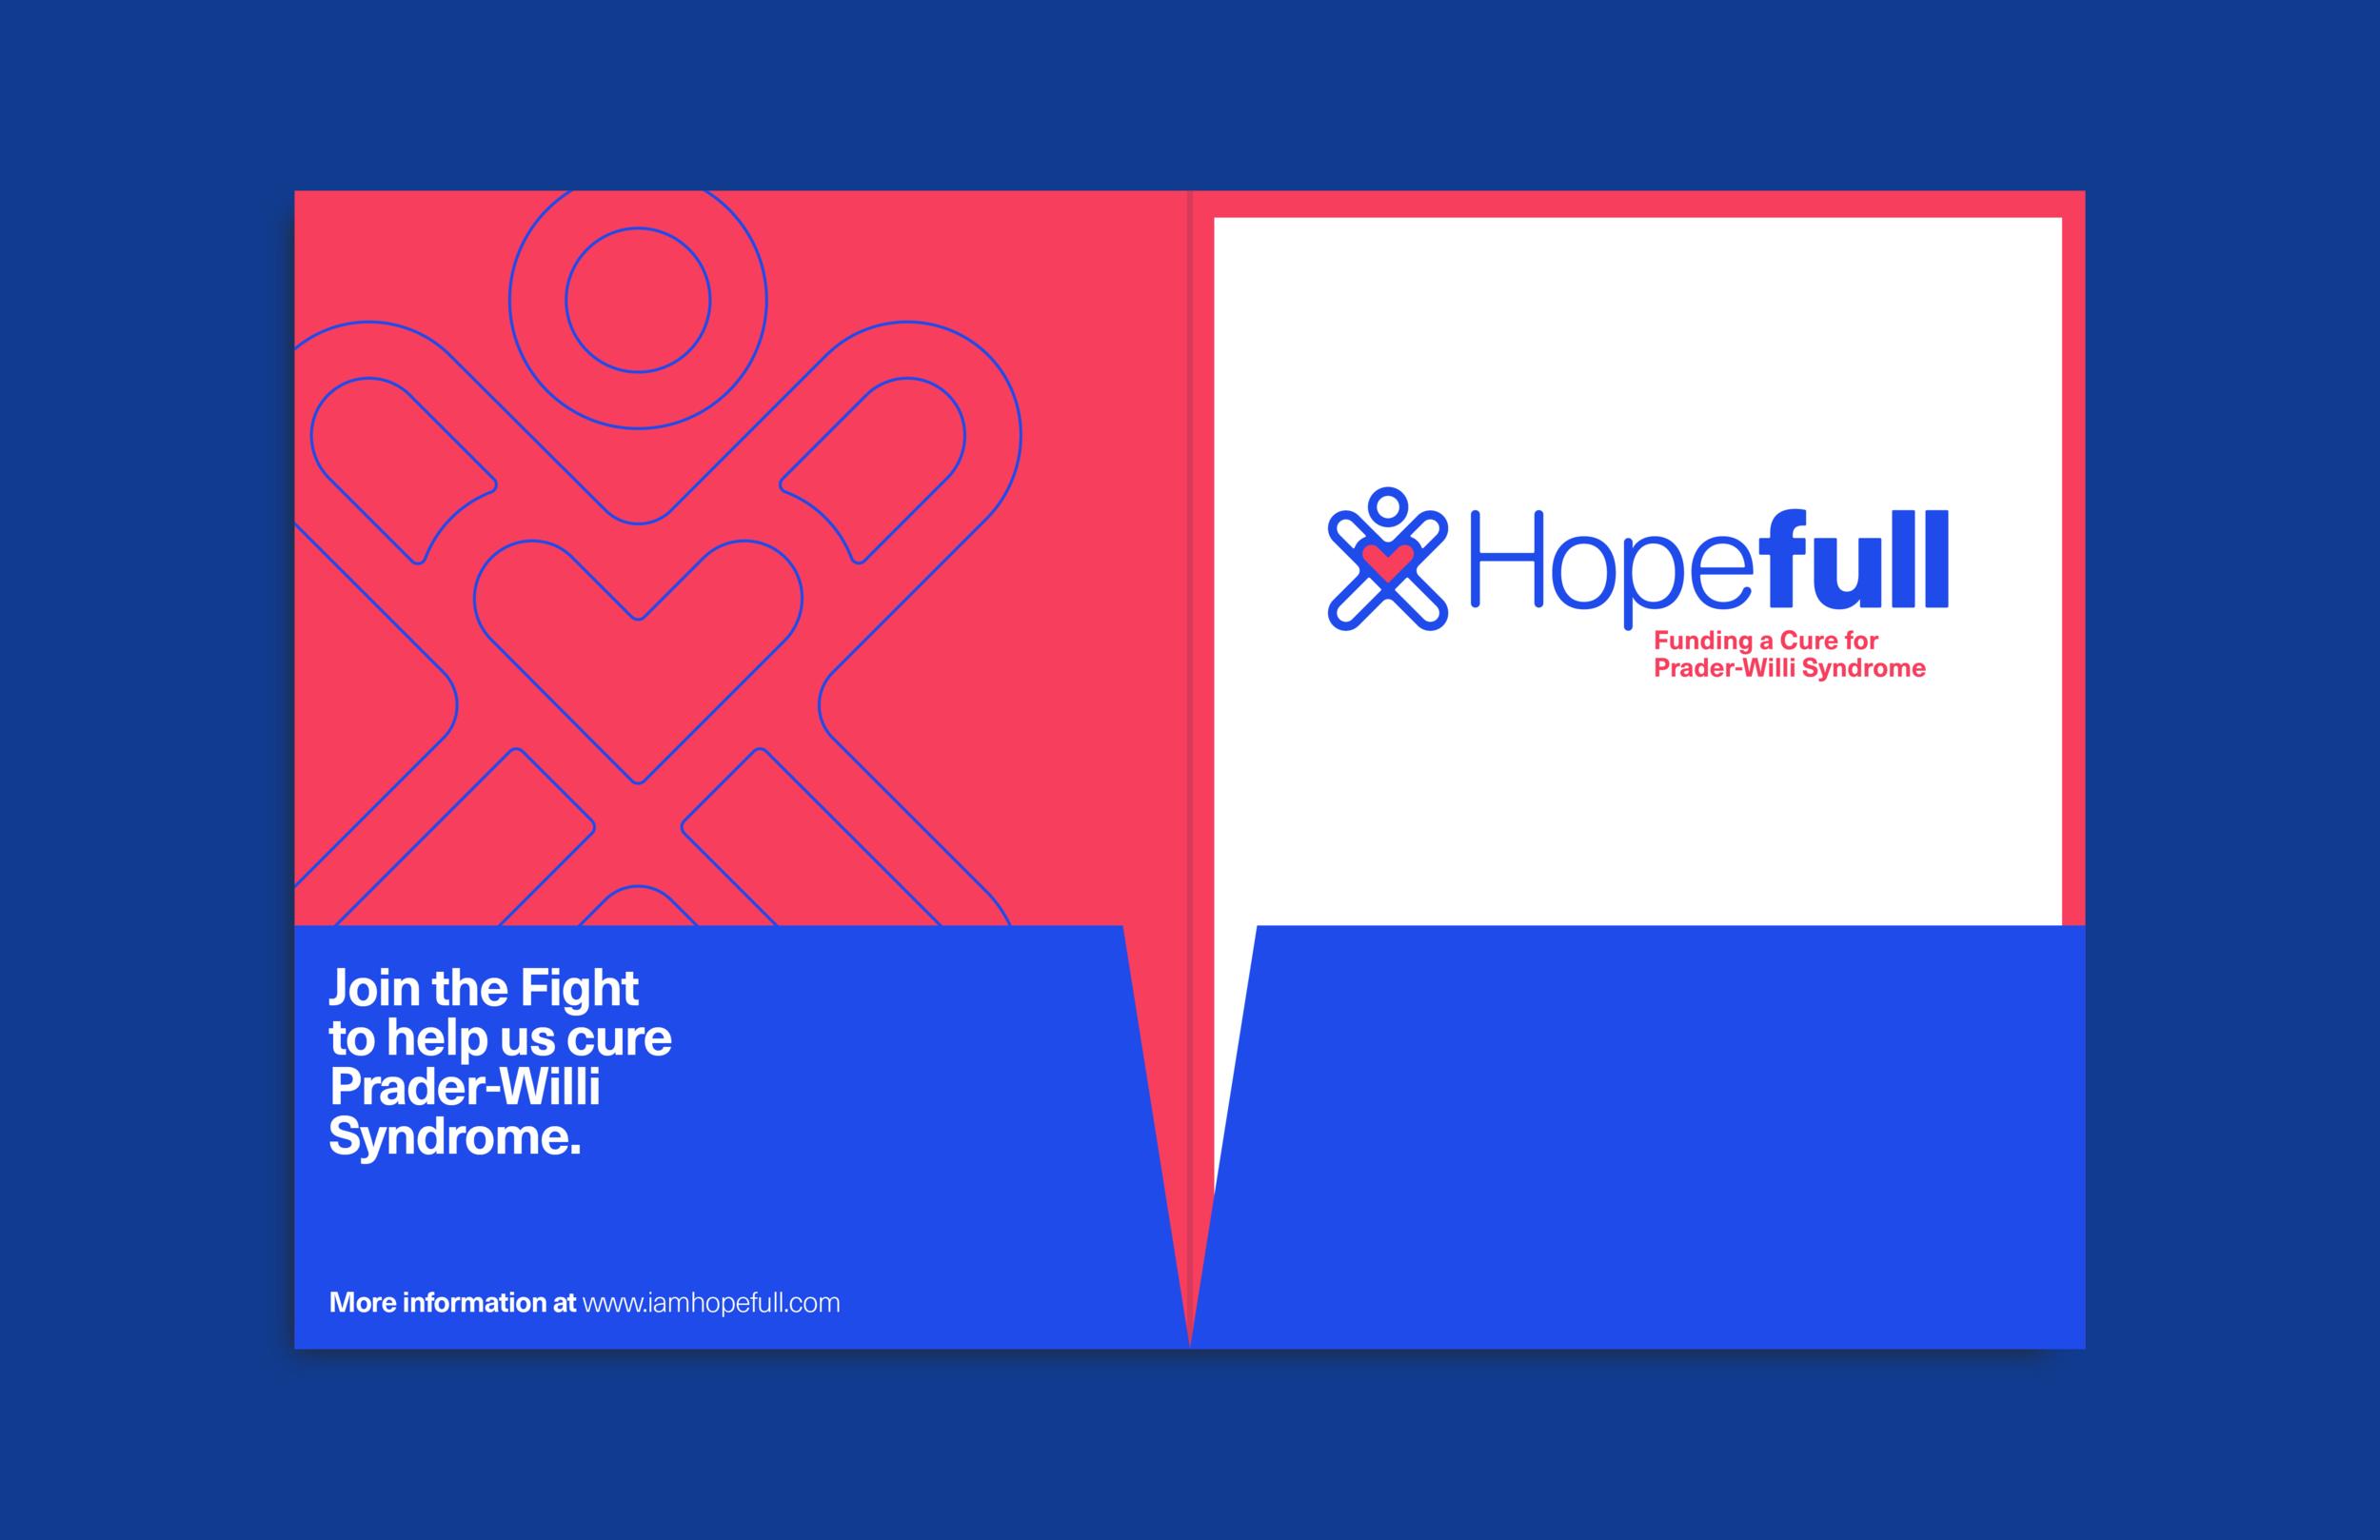 Hopefull_Web-02.png